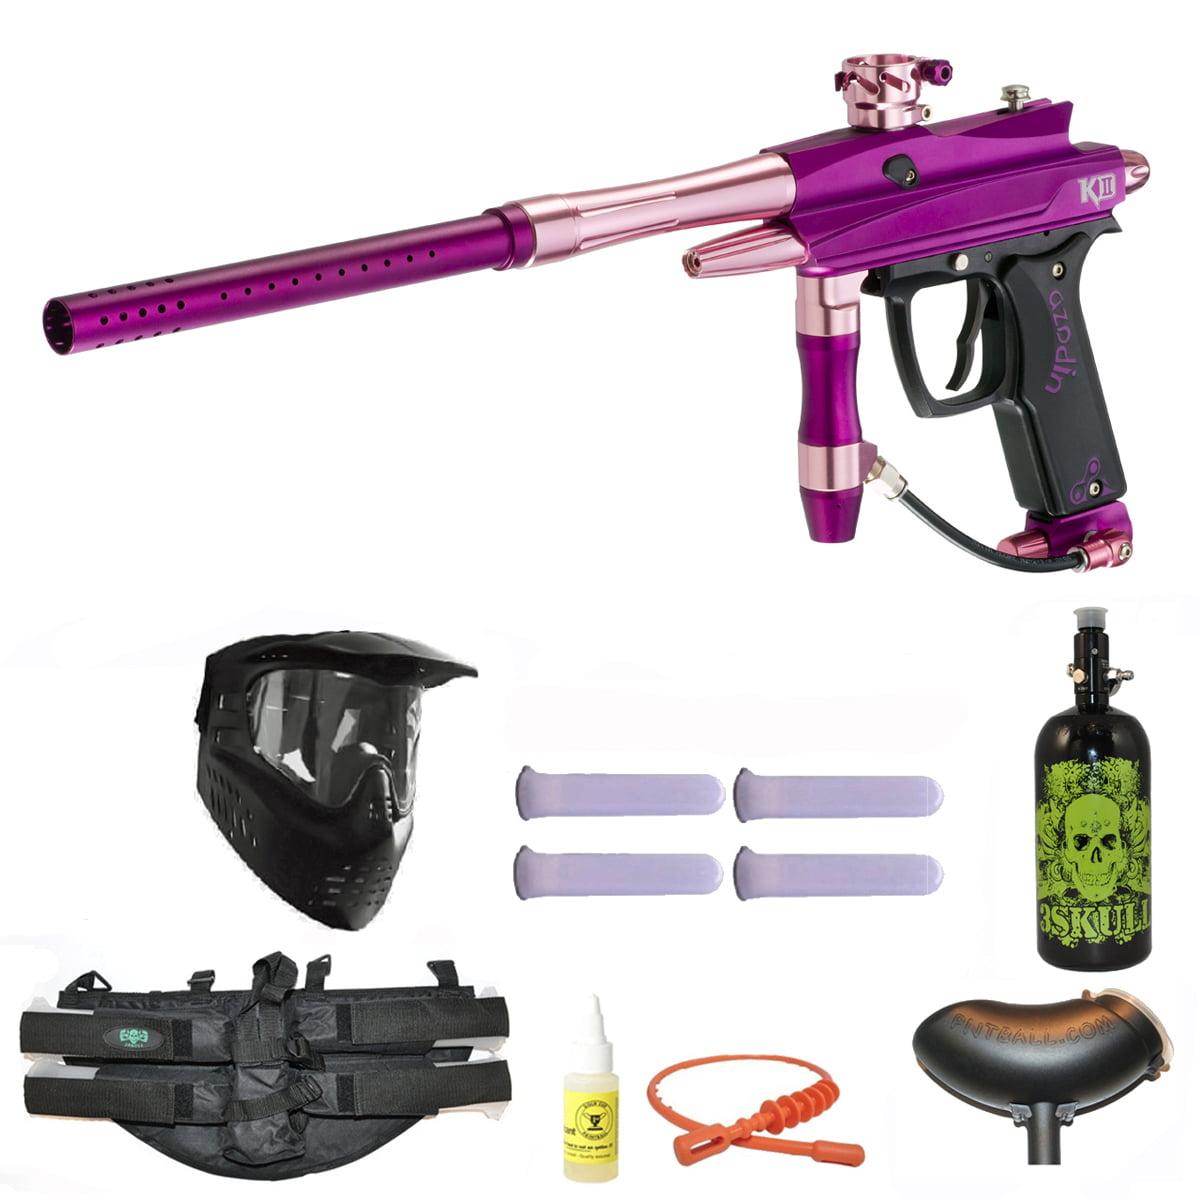 Azodin Kaos-D II Paintball Marker Gun 3Skull 4+1 Nitro Mega Set Aurora by